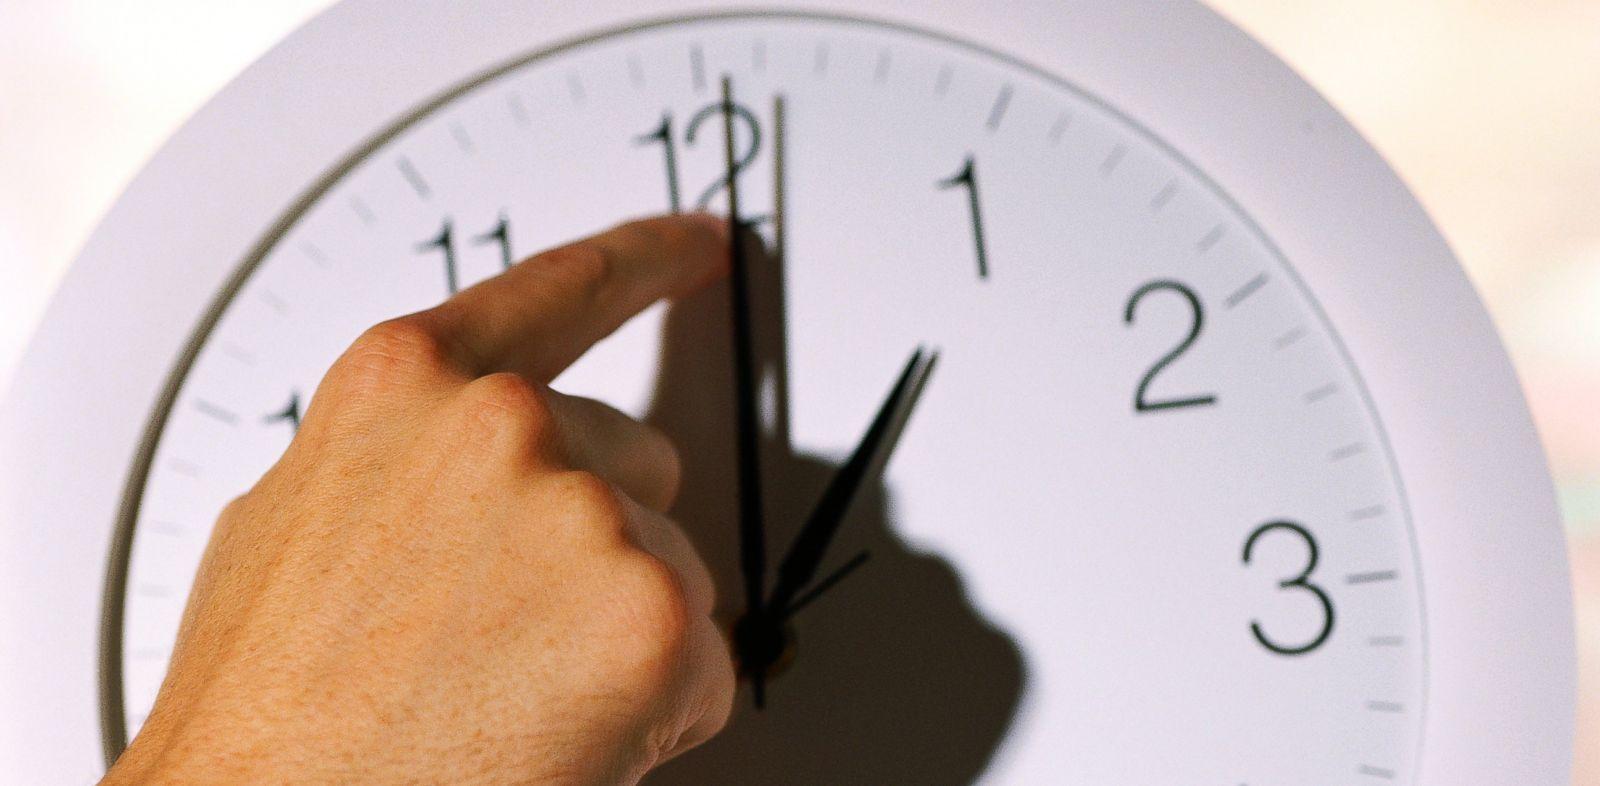 امشب ، تغییر ساعت رسمی کشور